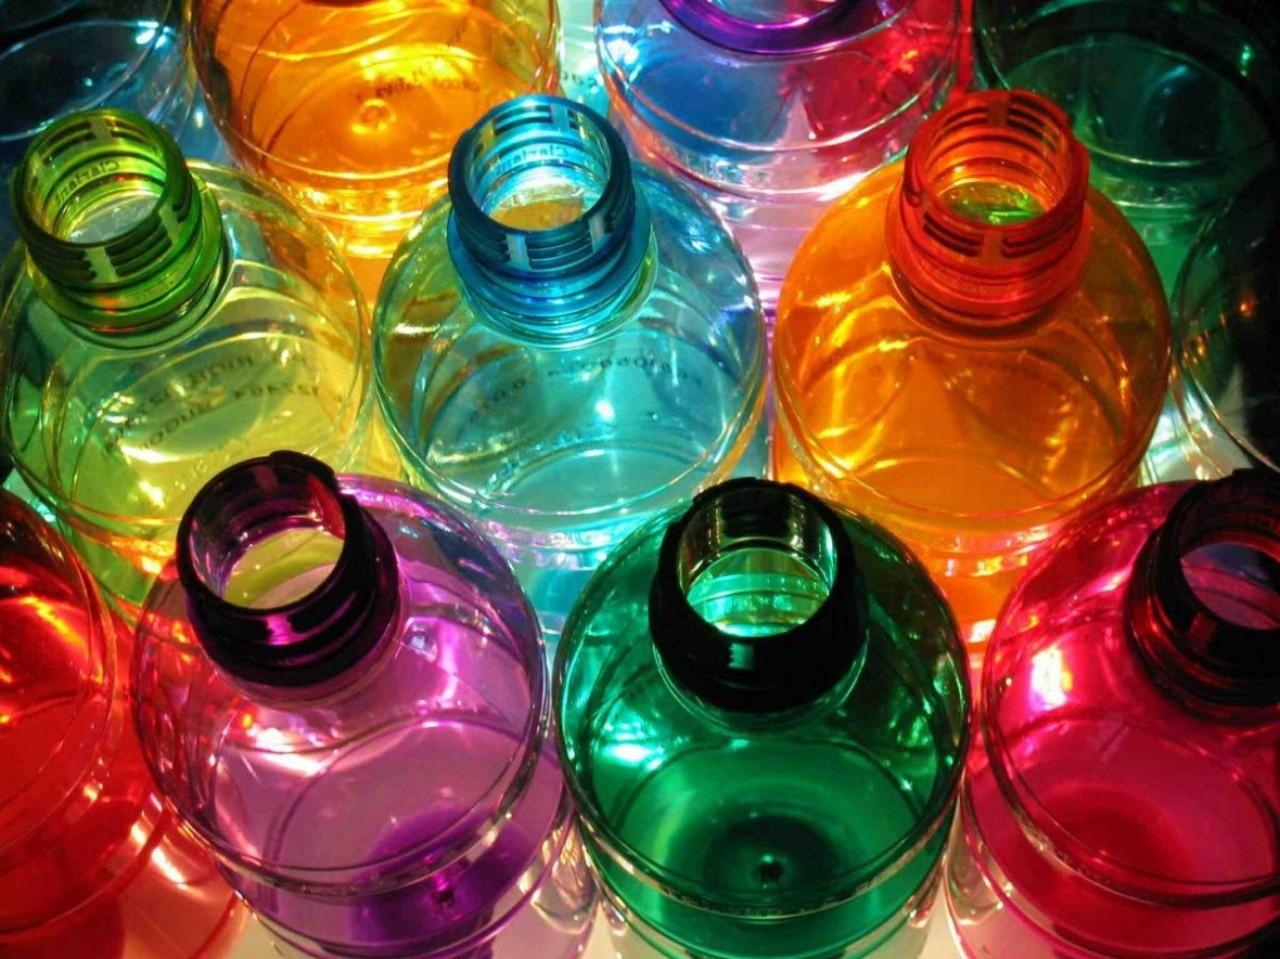 Γεμίζεις τα άδεια πλαστικά μπουκάλια με νερό; Μην το ξανακάνειςποτέ!